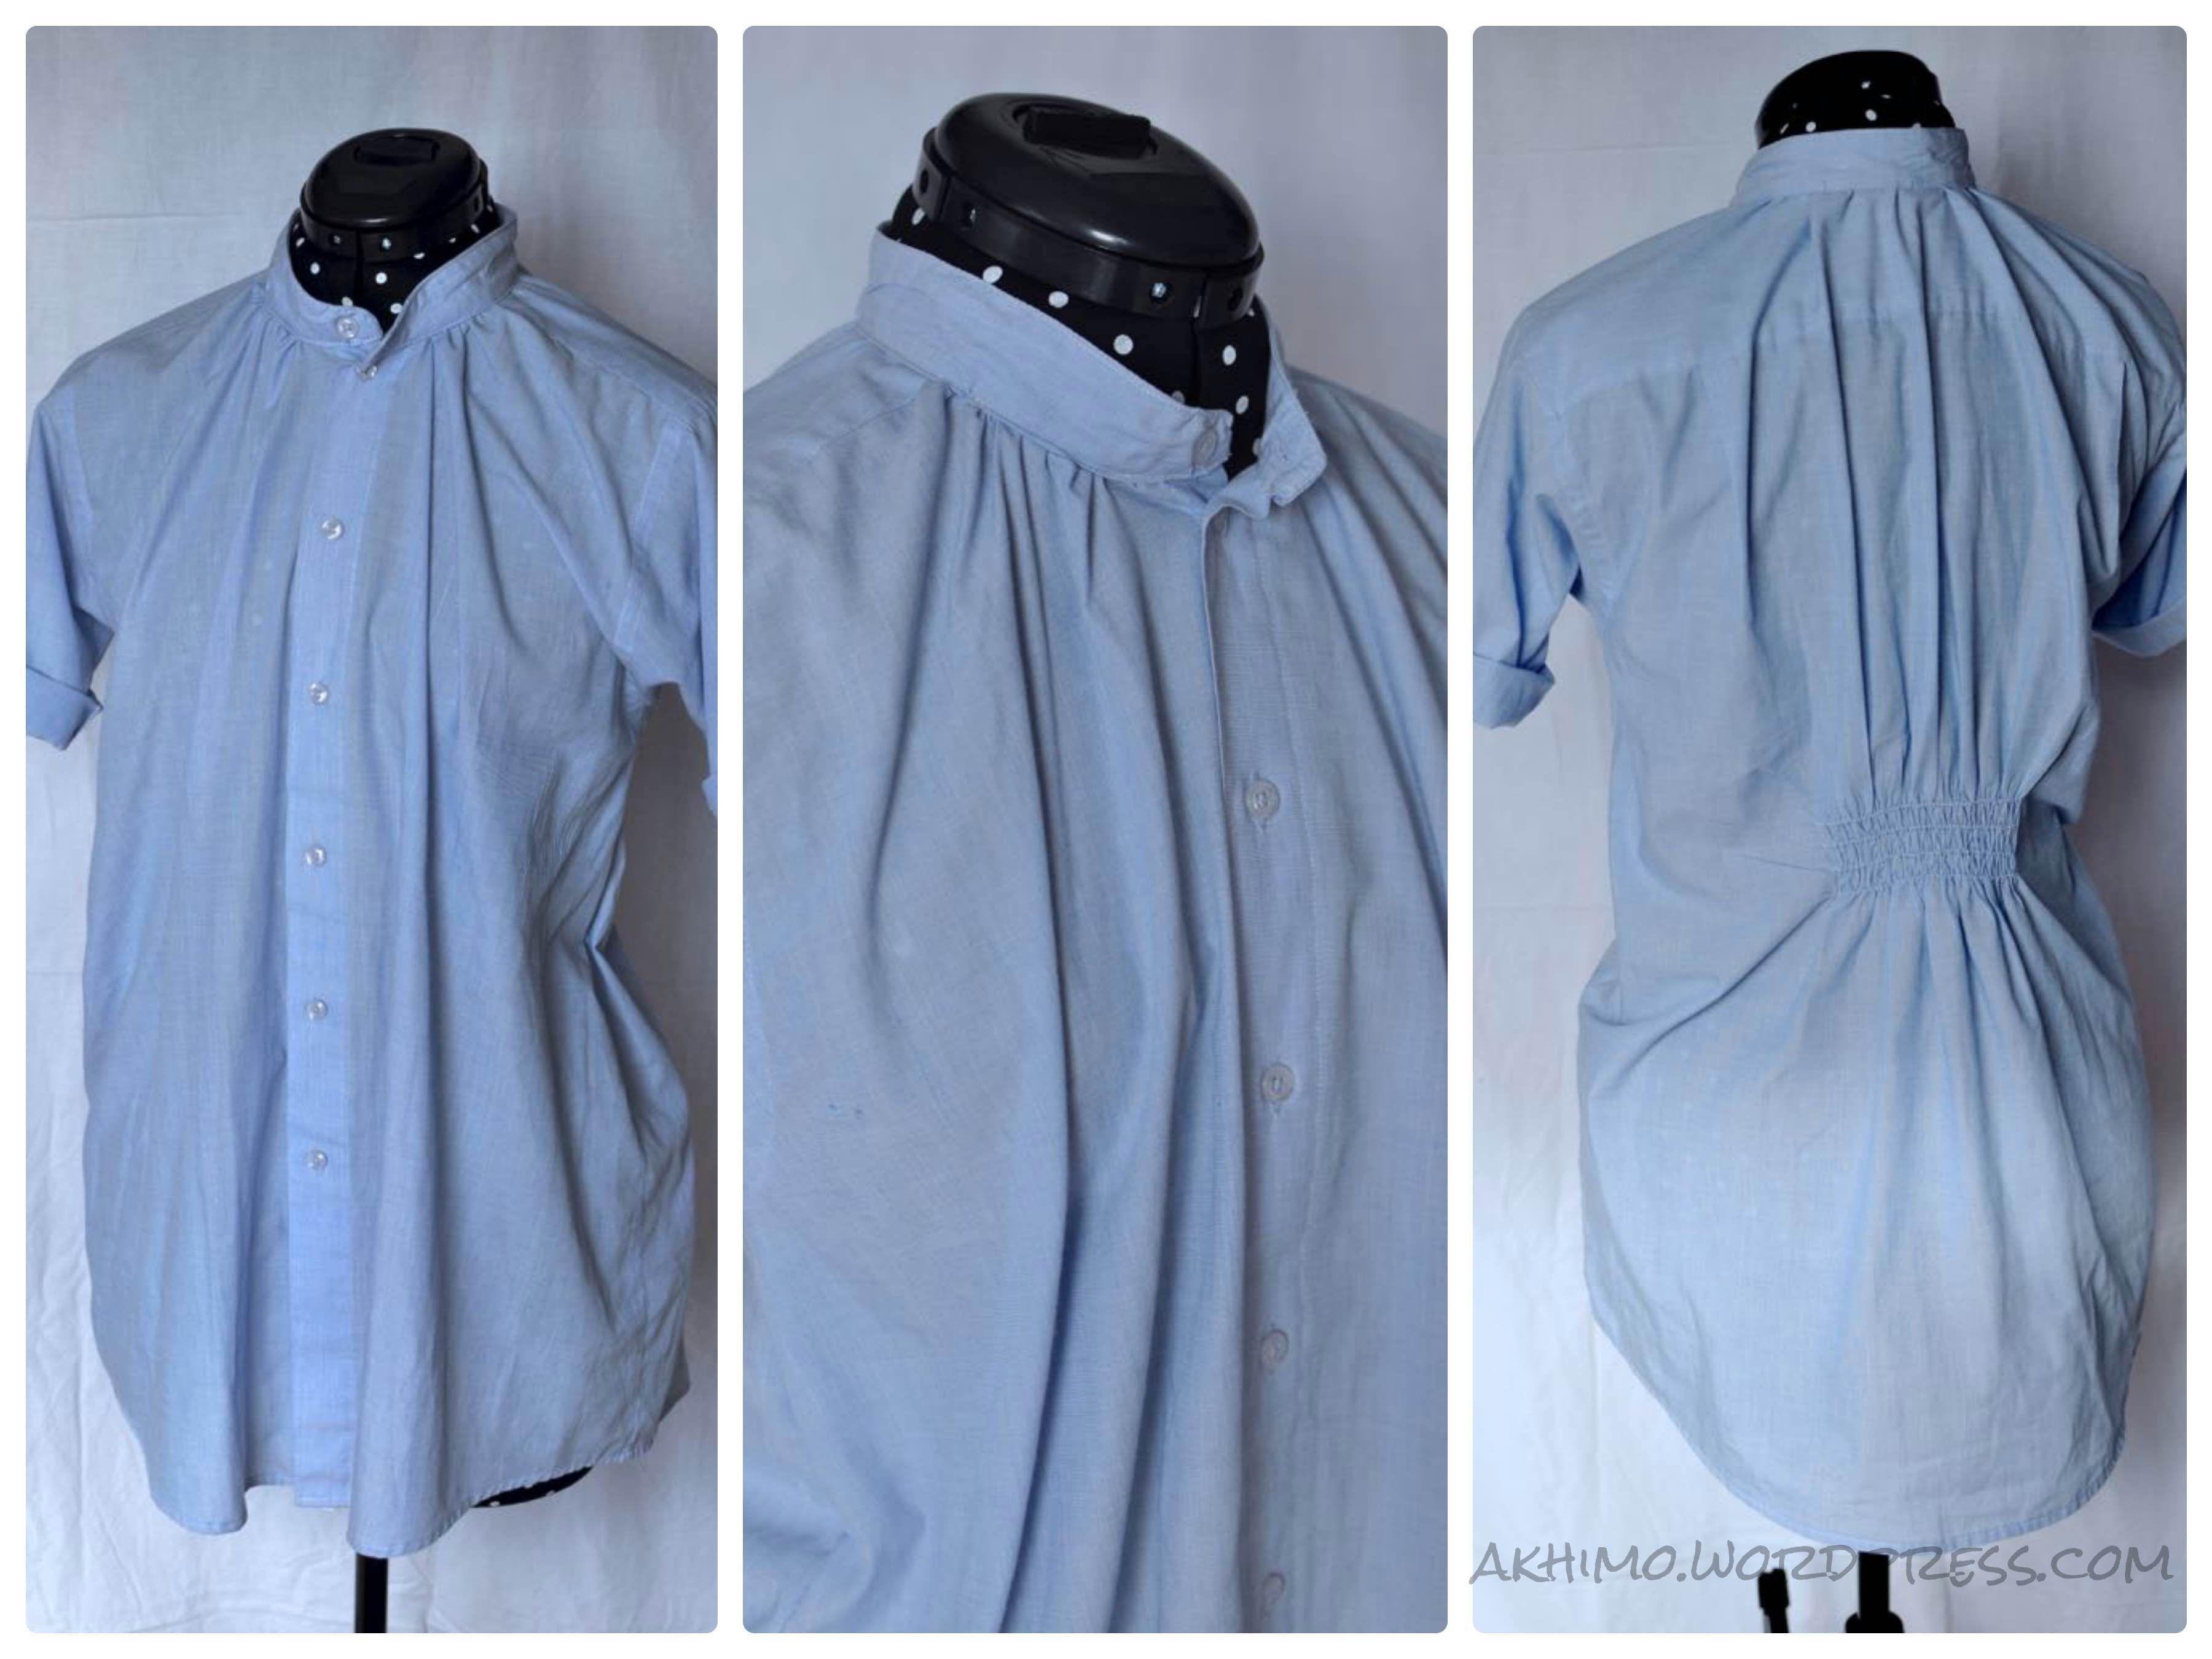 Kleidung Aus Bettwasche Nahen Recycling Tipp Taschen Aus Alter